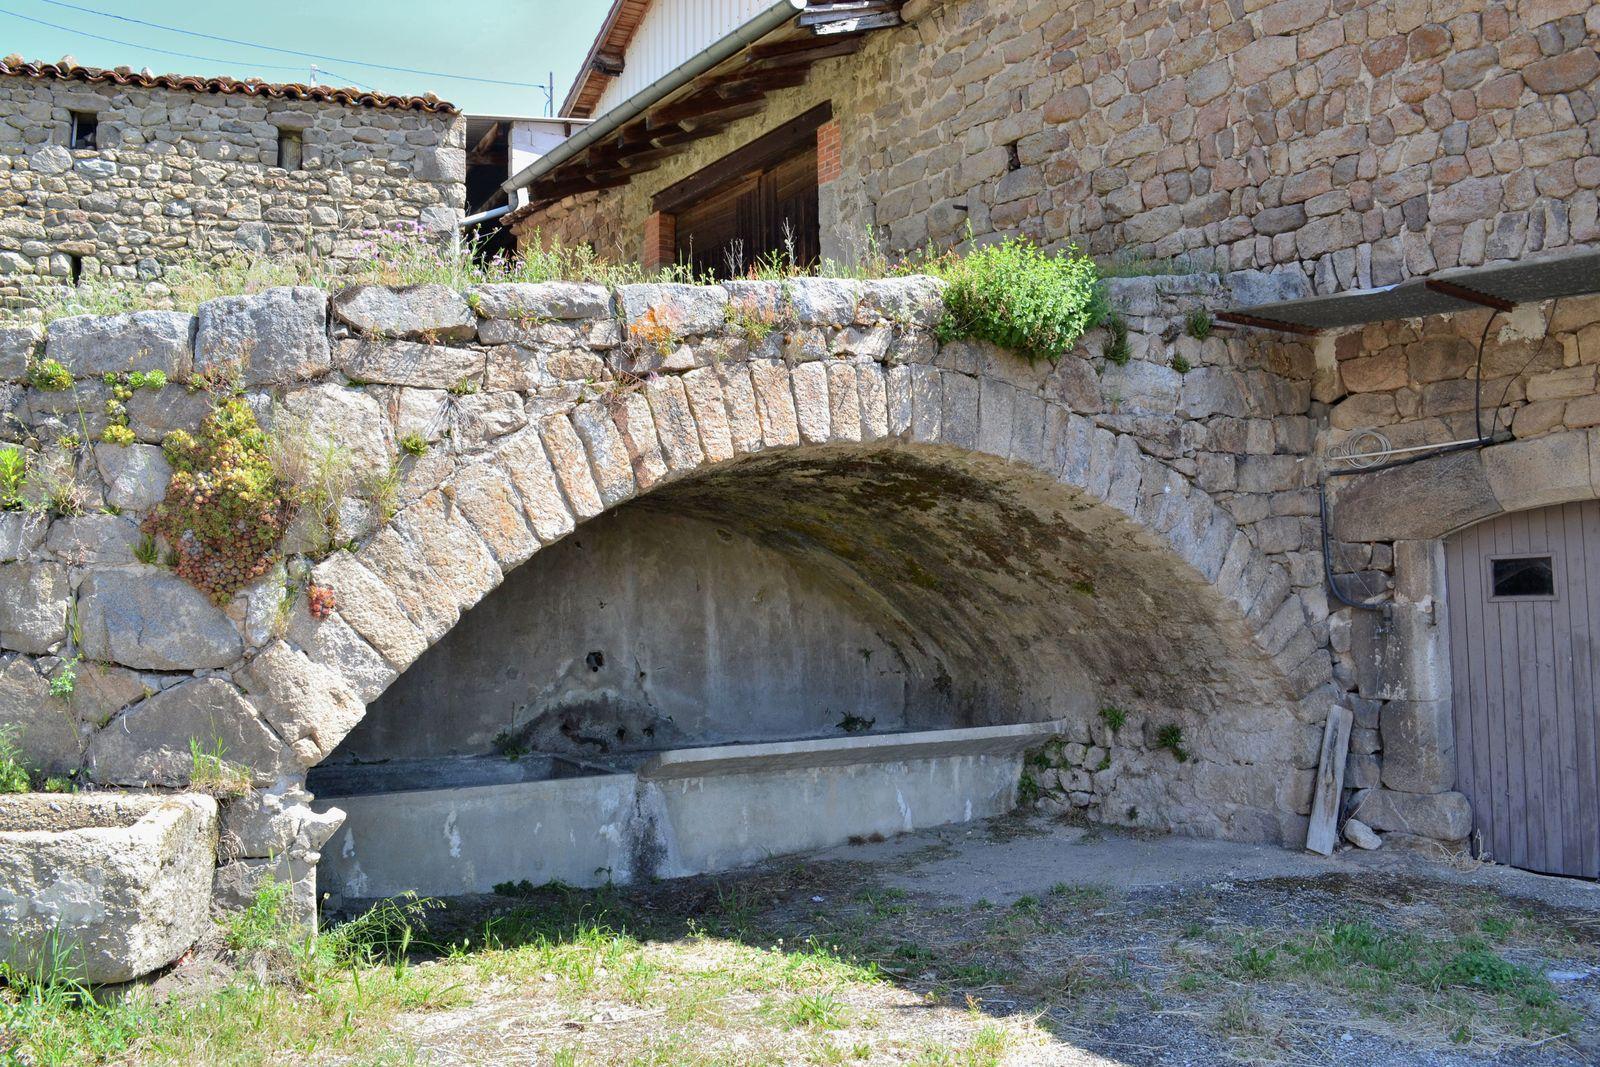 Le charmant petit hameau de Lampony, avec son vieux lavoir...